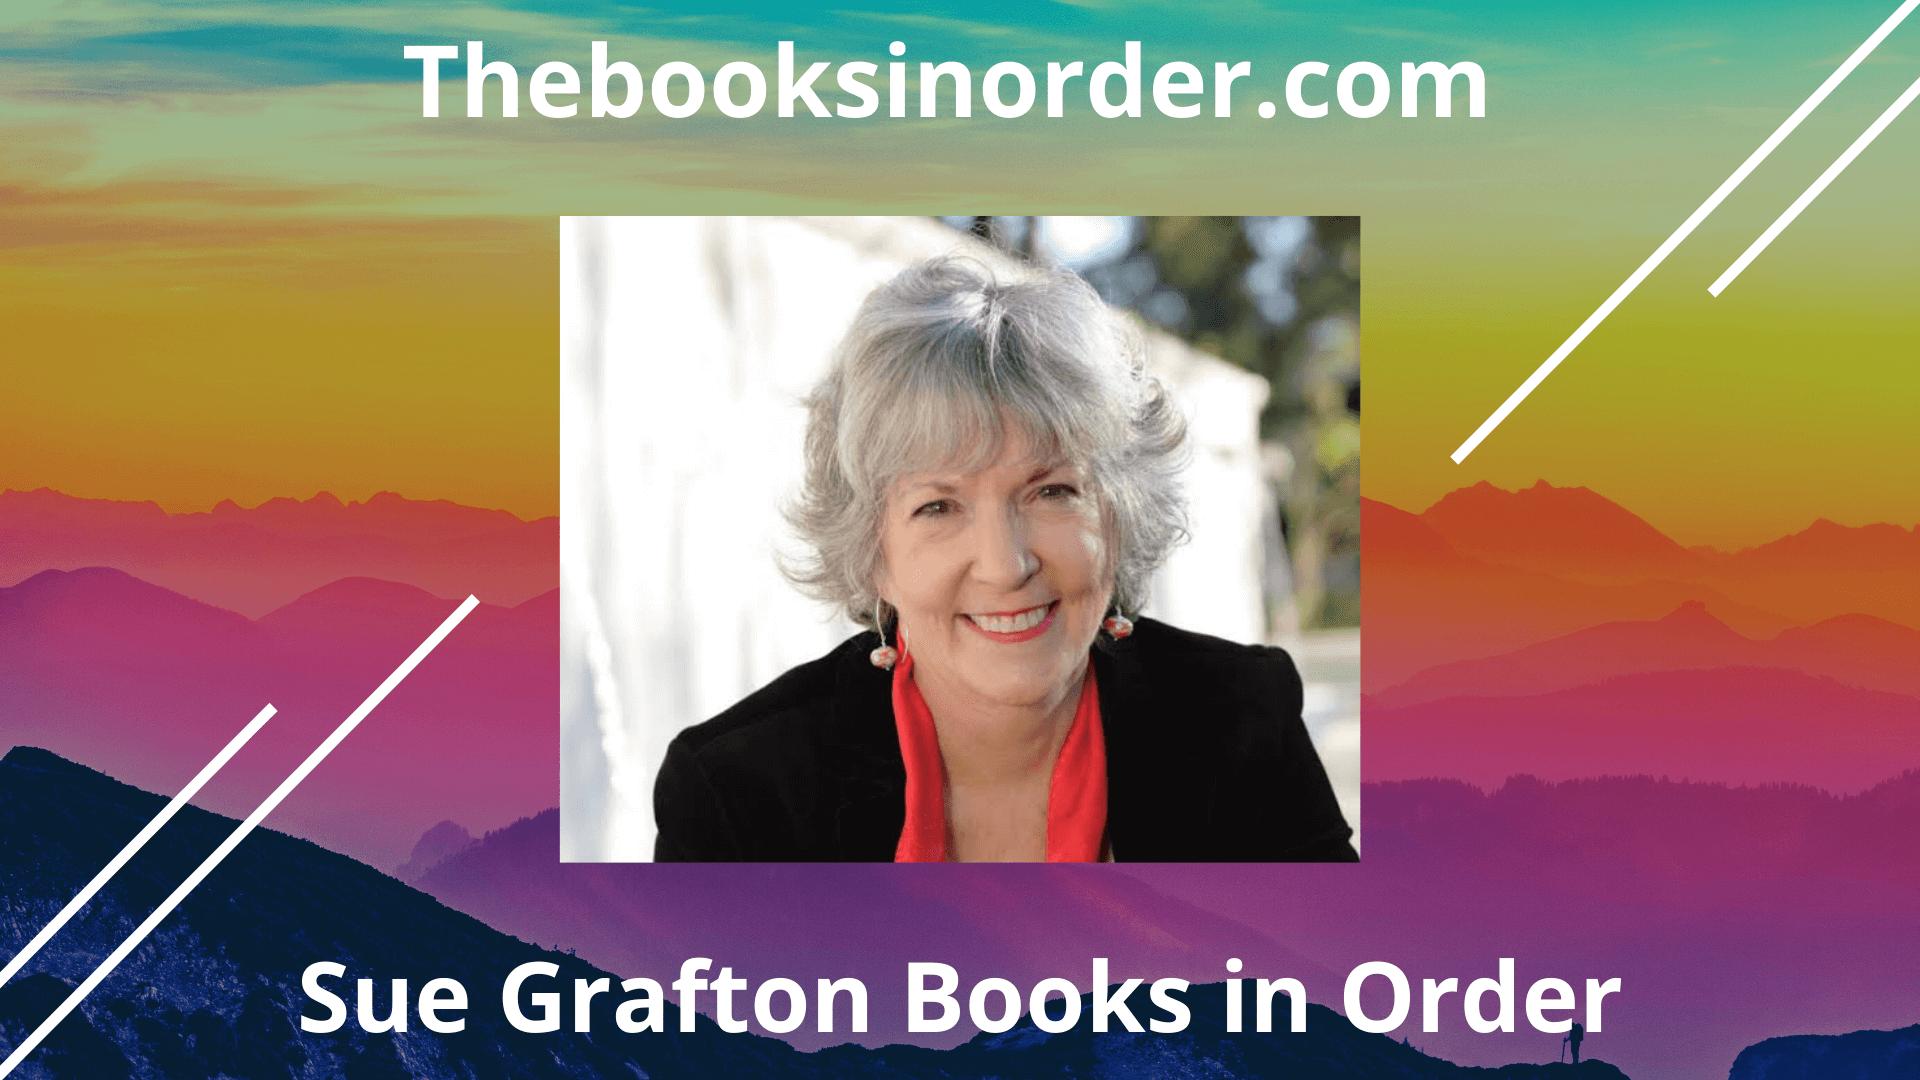 sue grafton books, sue grafton books in order